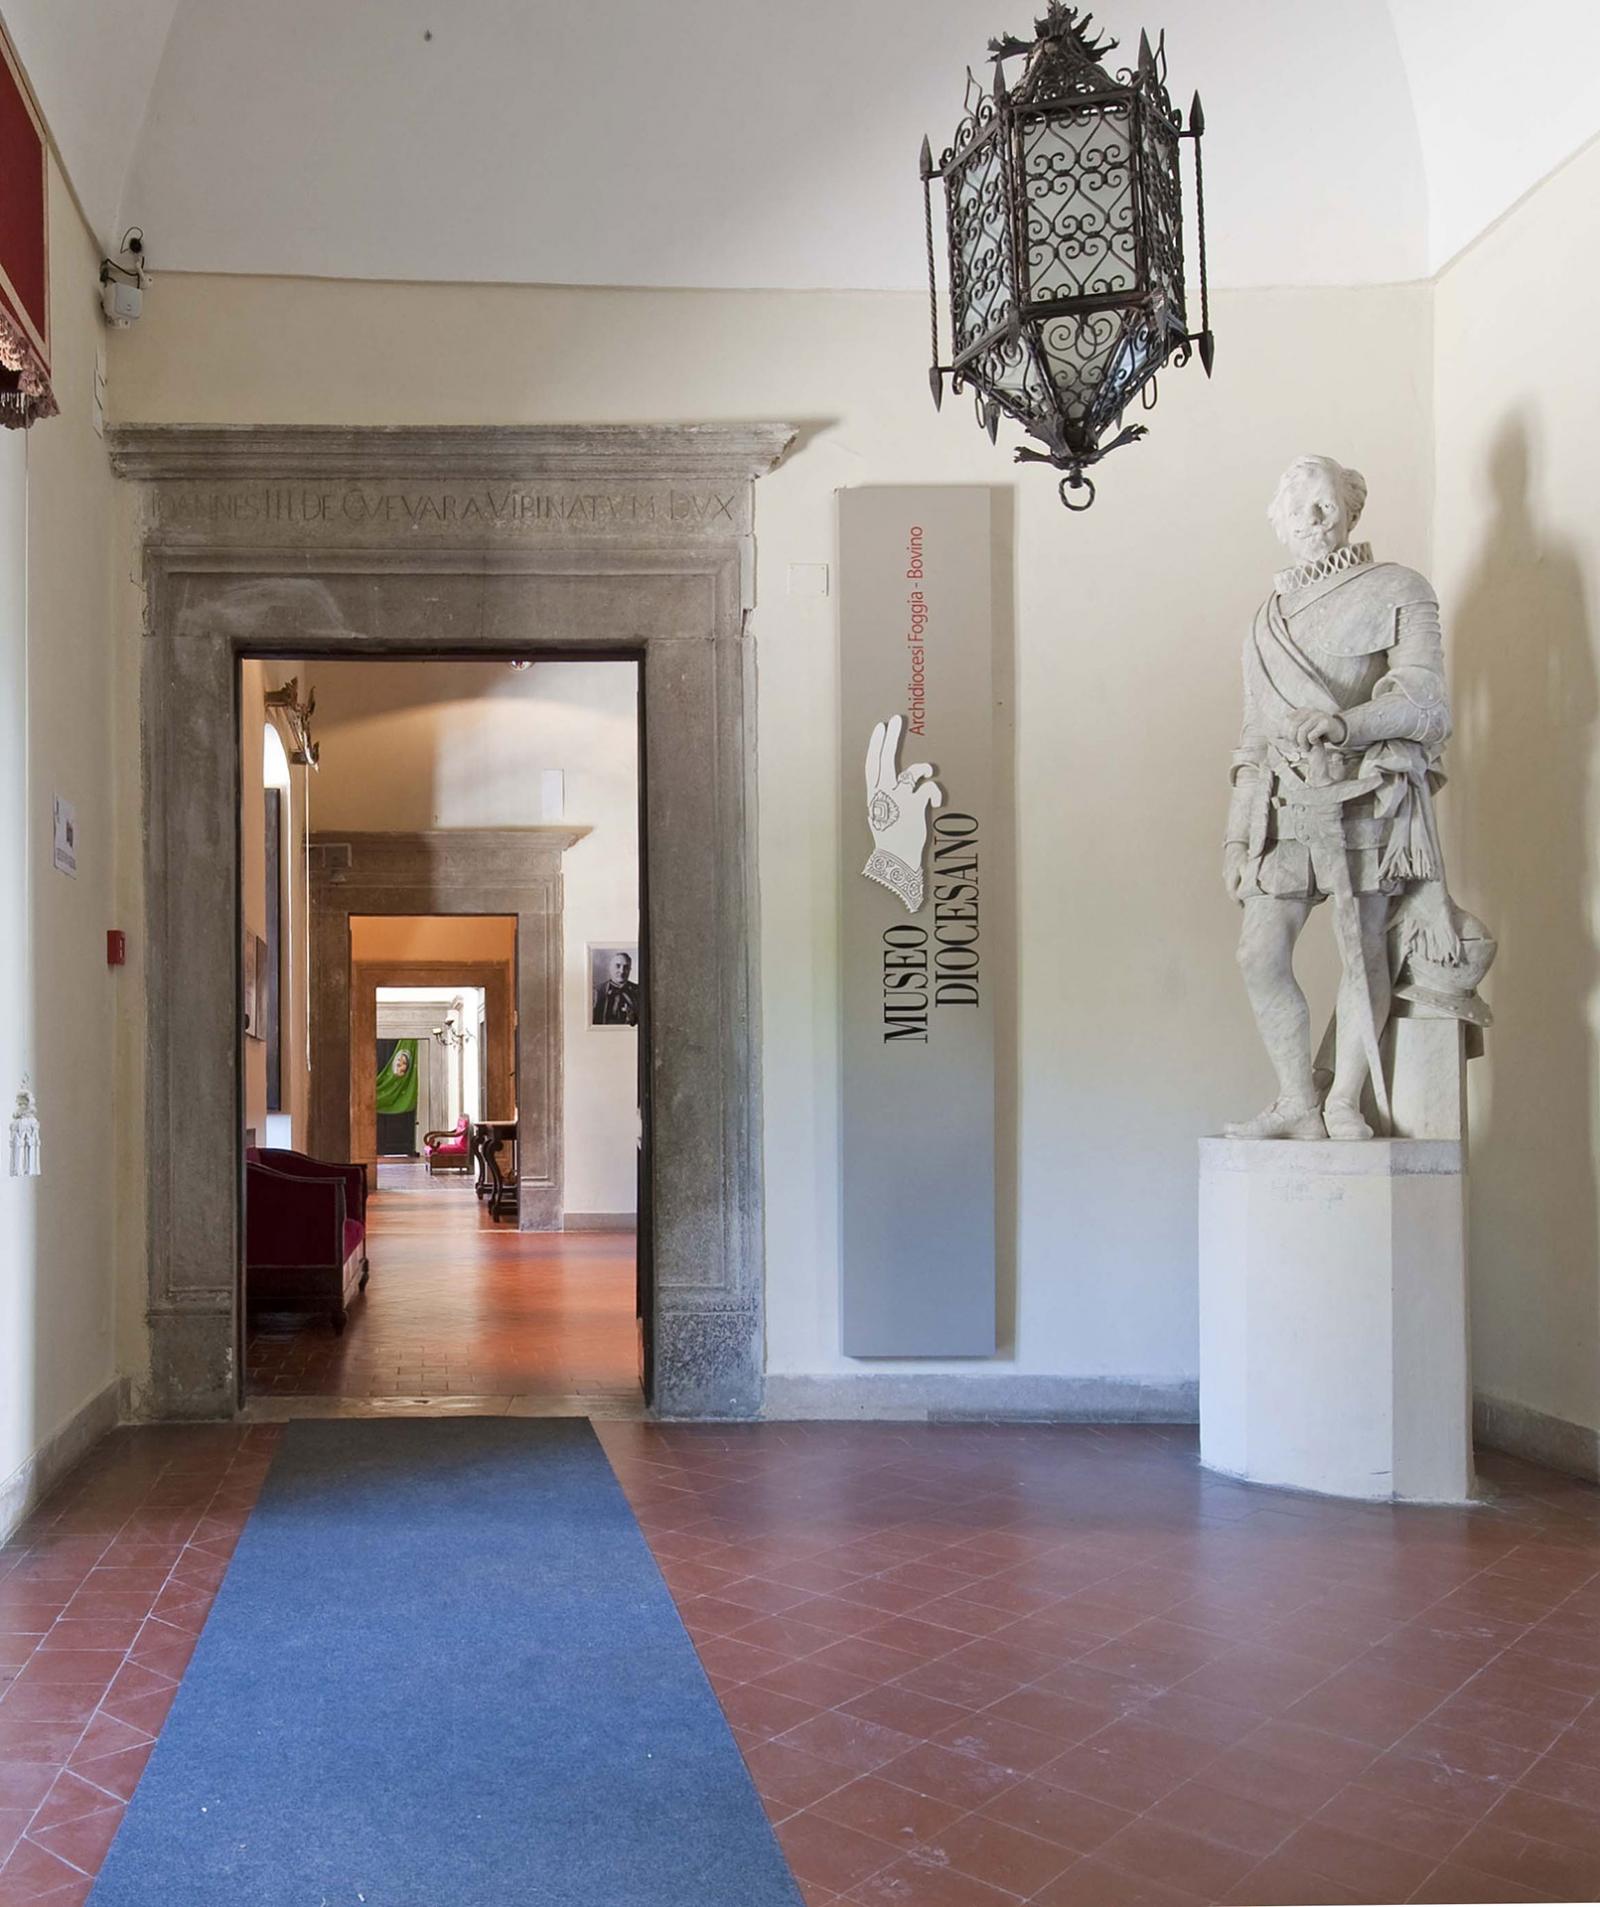 museo-diocesano-di-bovino-secret-world